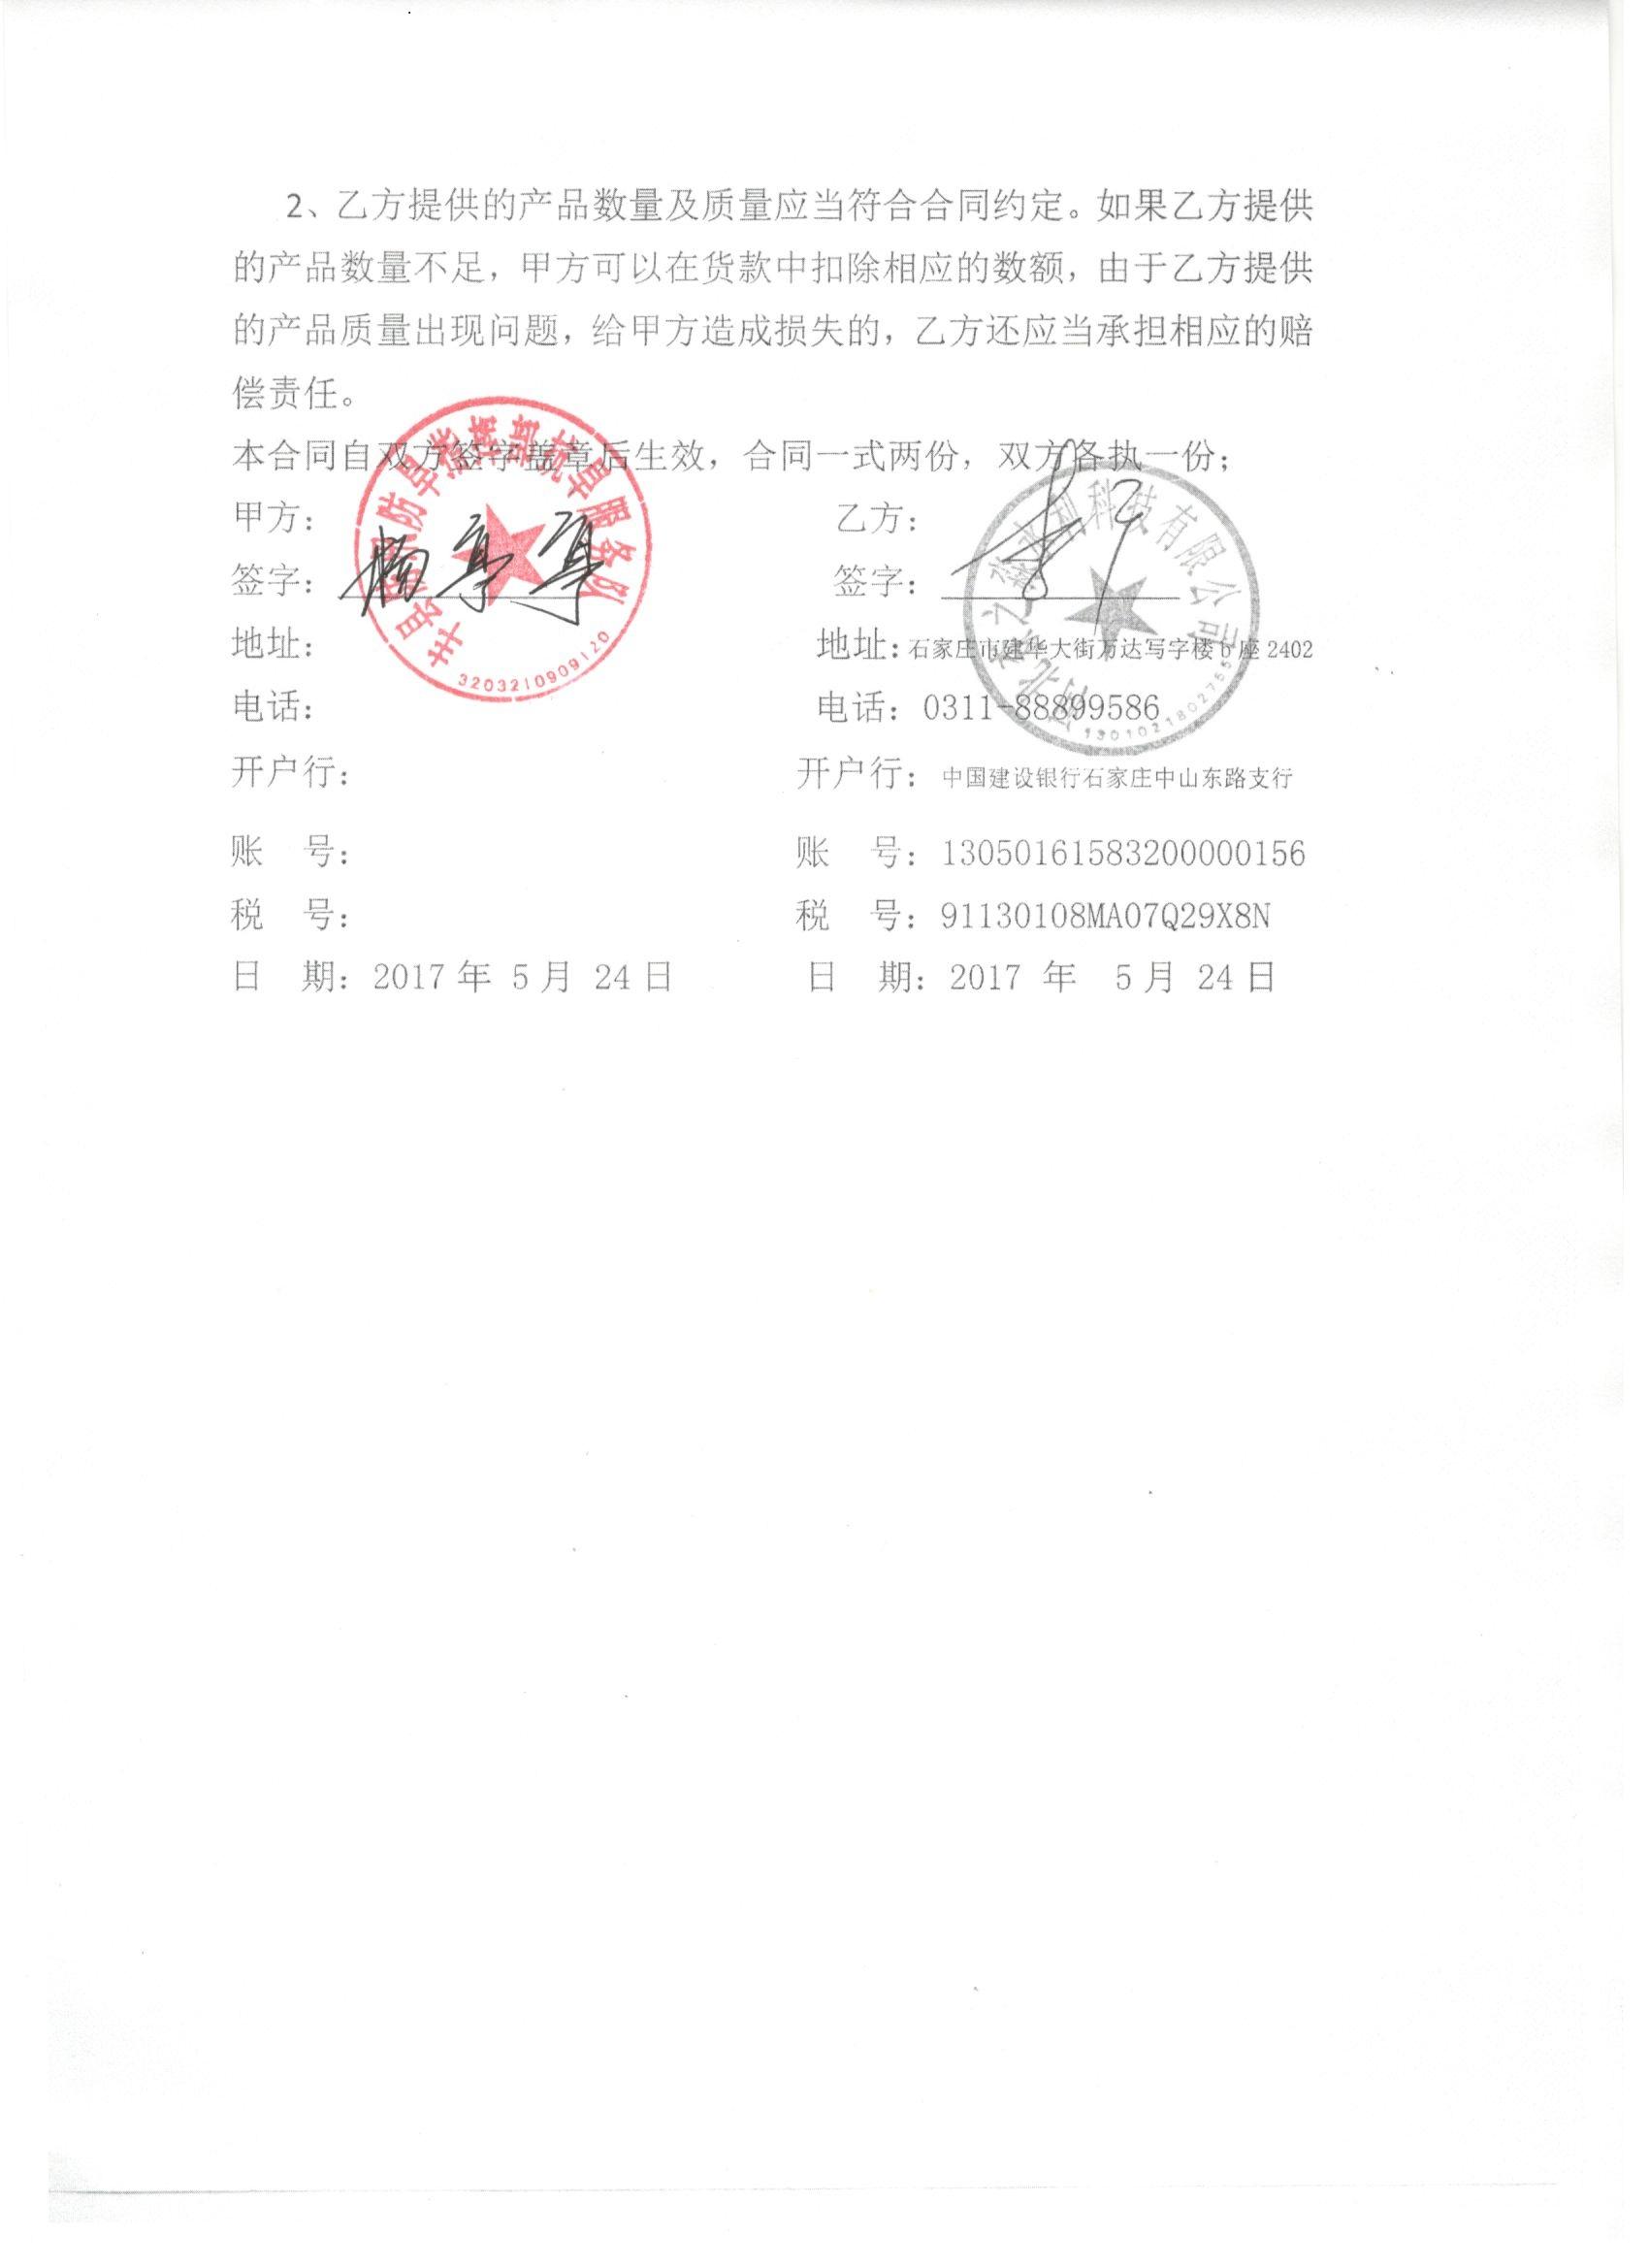 临沂市兰山区防汛抗旱指挥